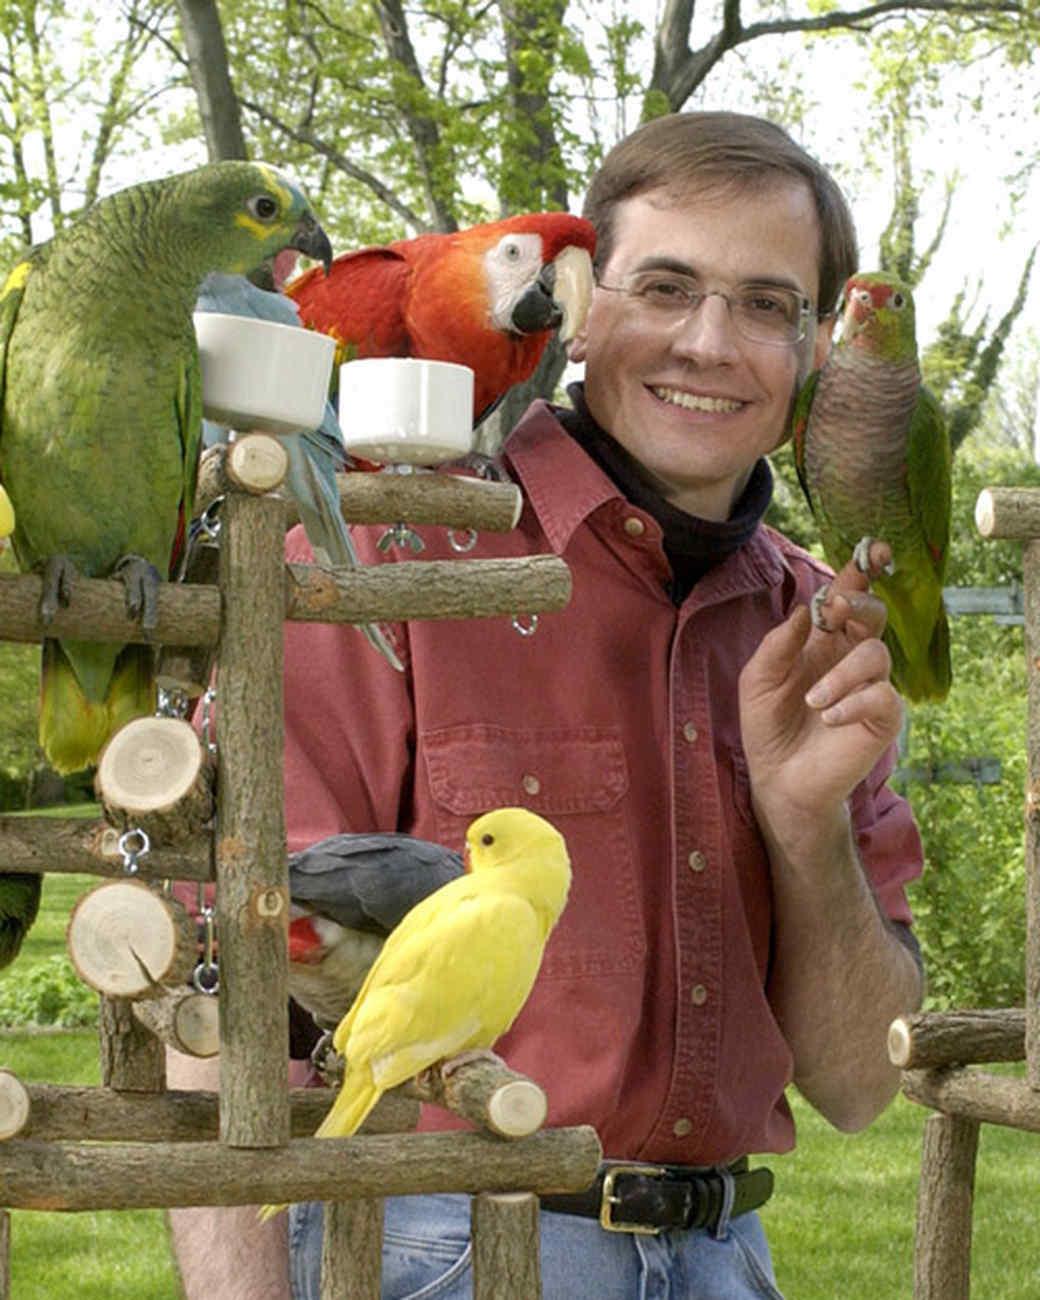 pe_birds_tvs7088_07.jpg